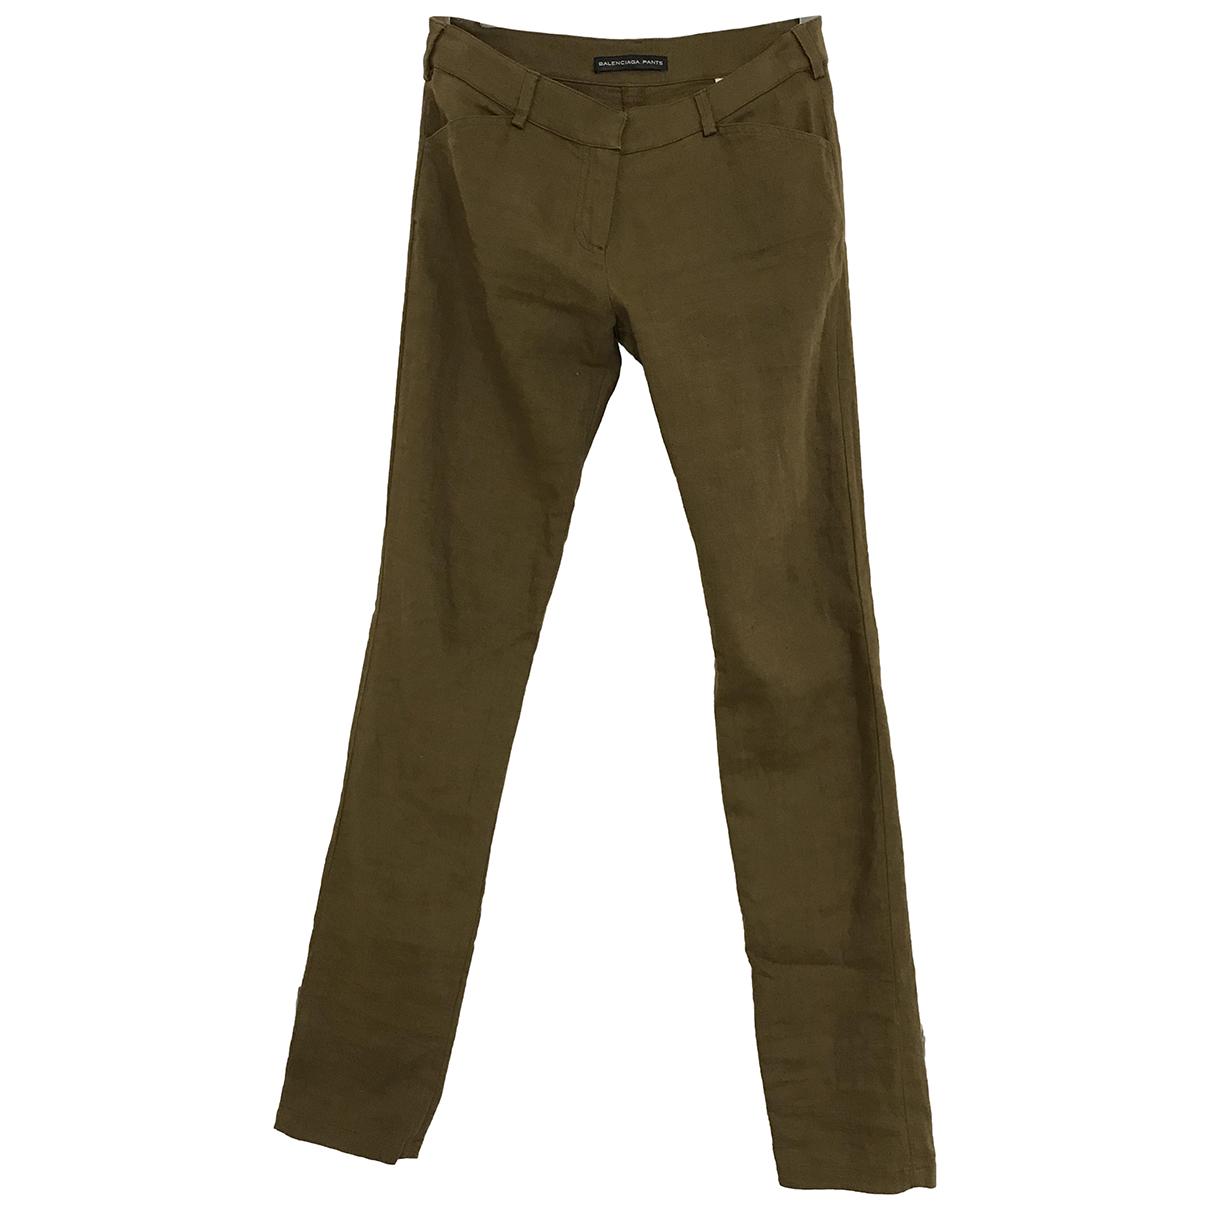 Balenciaga - Pantalon   pour femme en lin - kaki